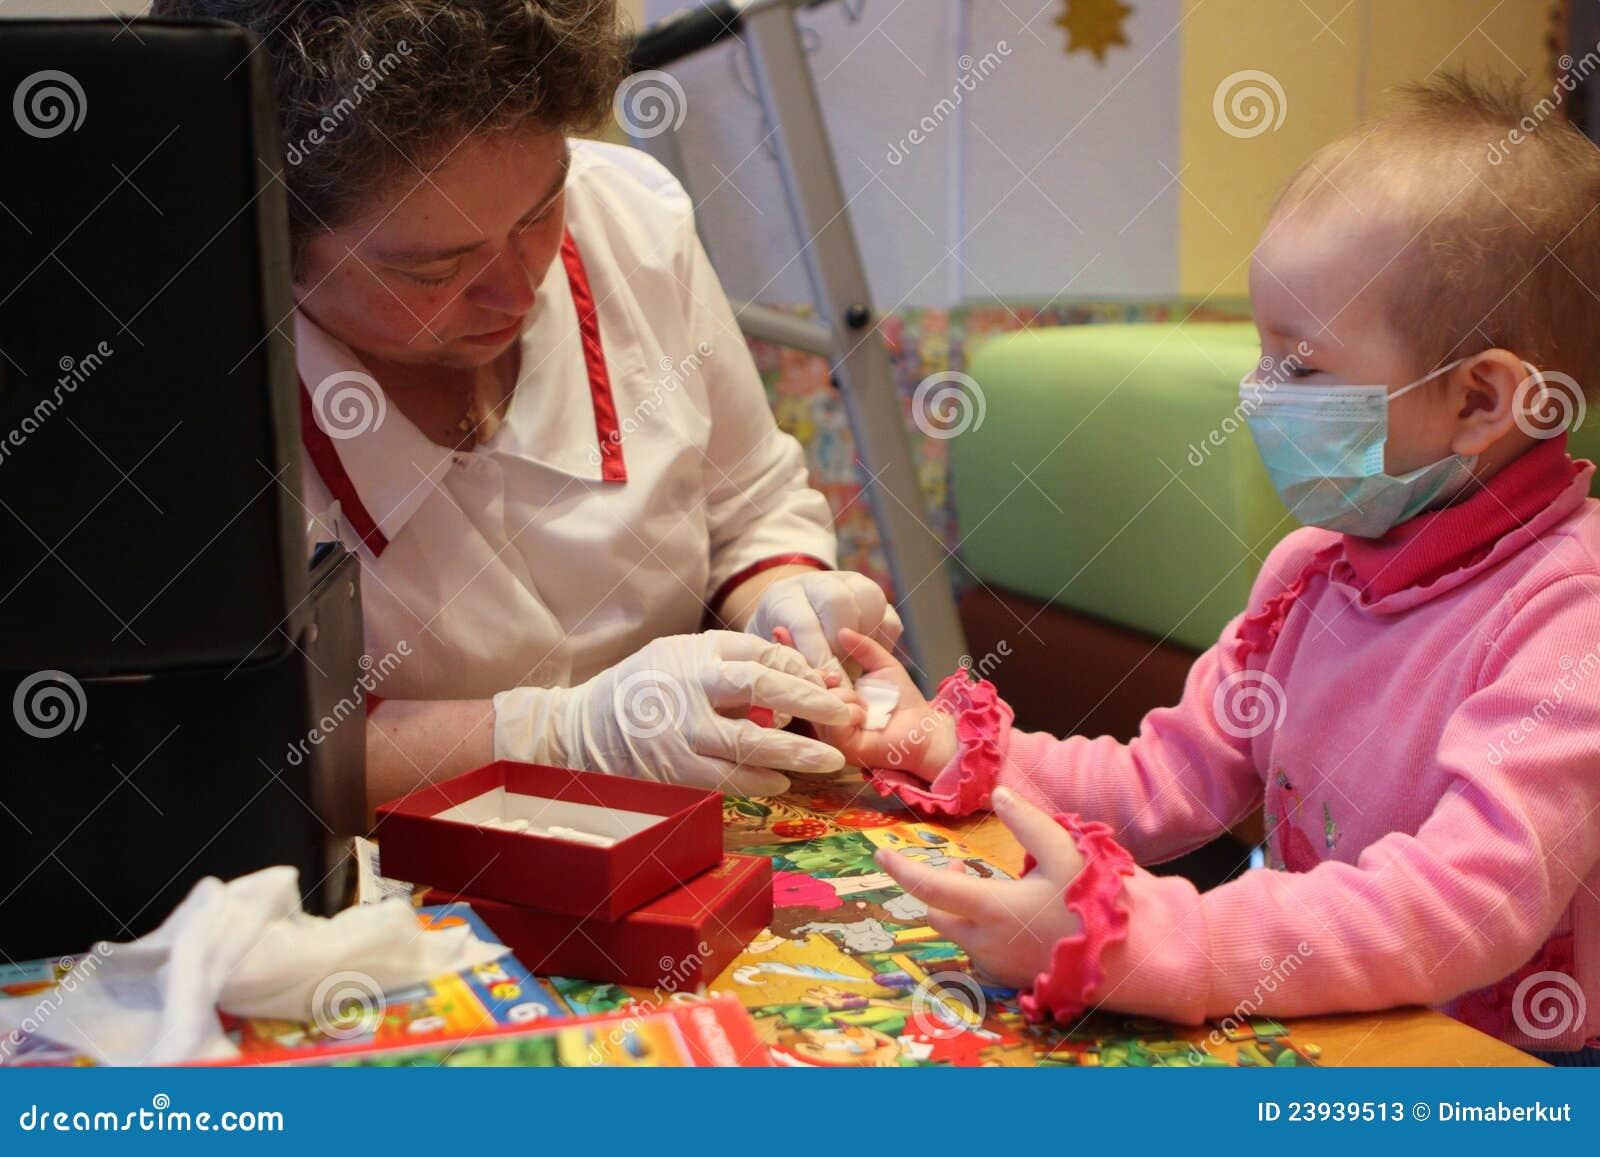 Blut prüfte in der Abteilung der pädiatrischen Onkologie